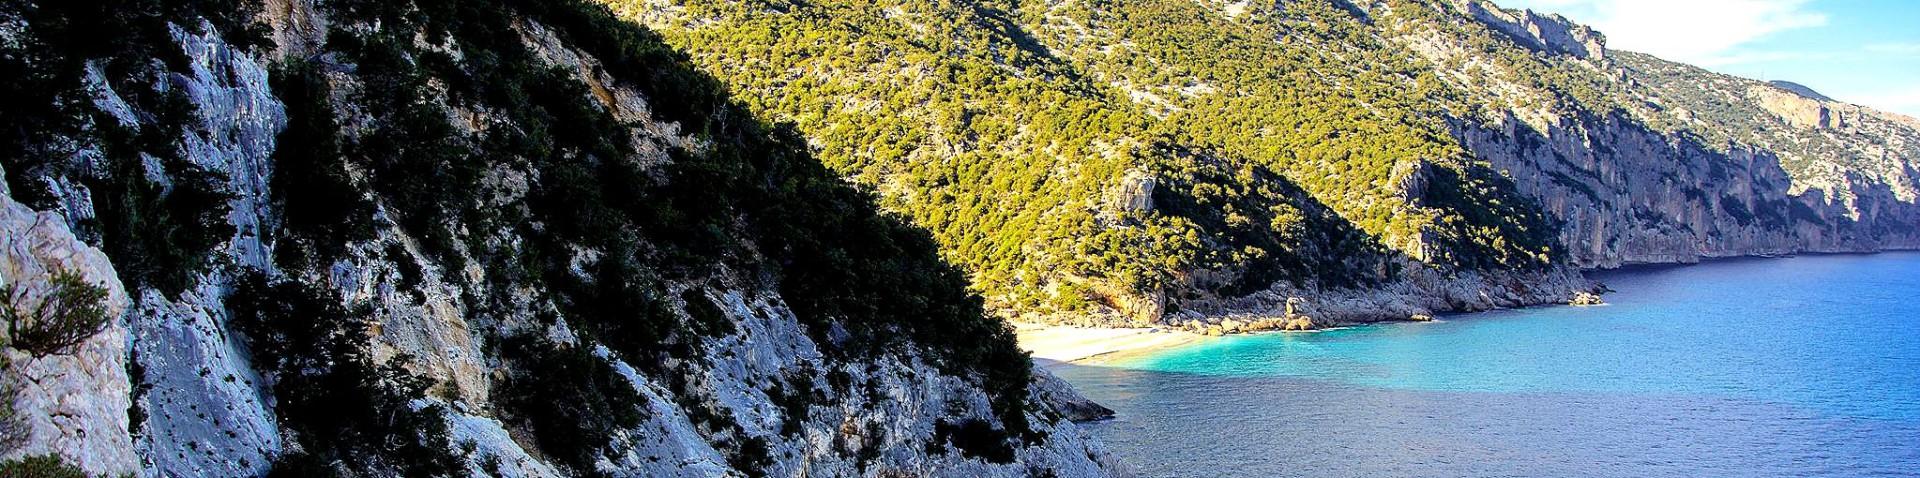 Santa Maria Navarrese, jedna z vyhlášených, skrytých pláží, Vala Goloritzé